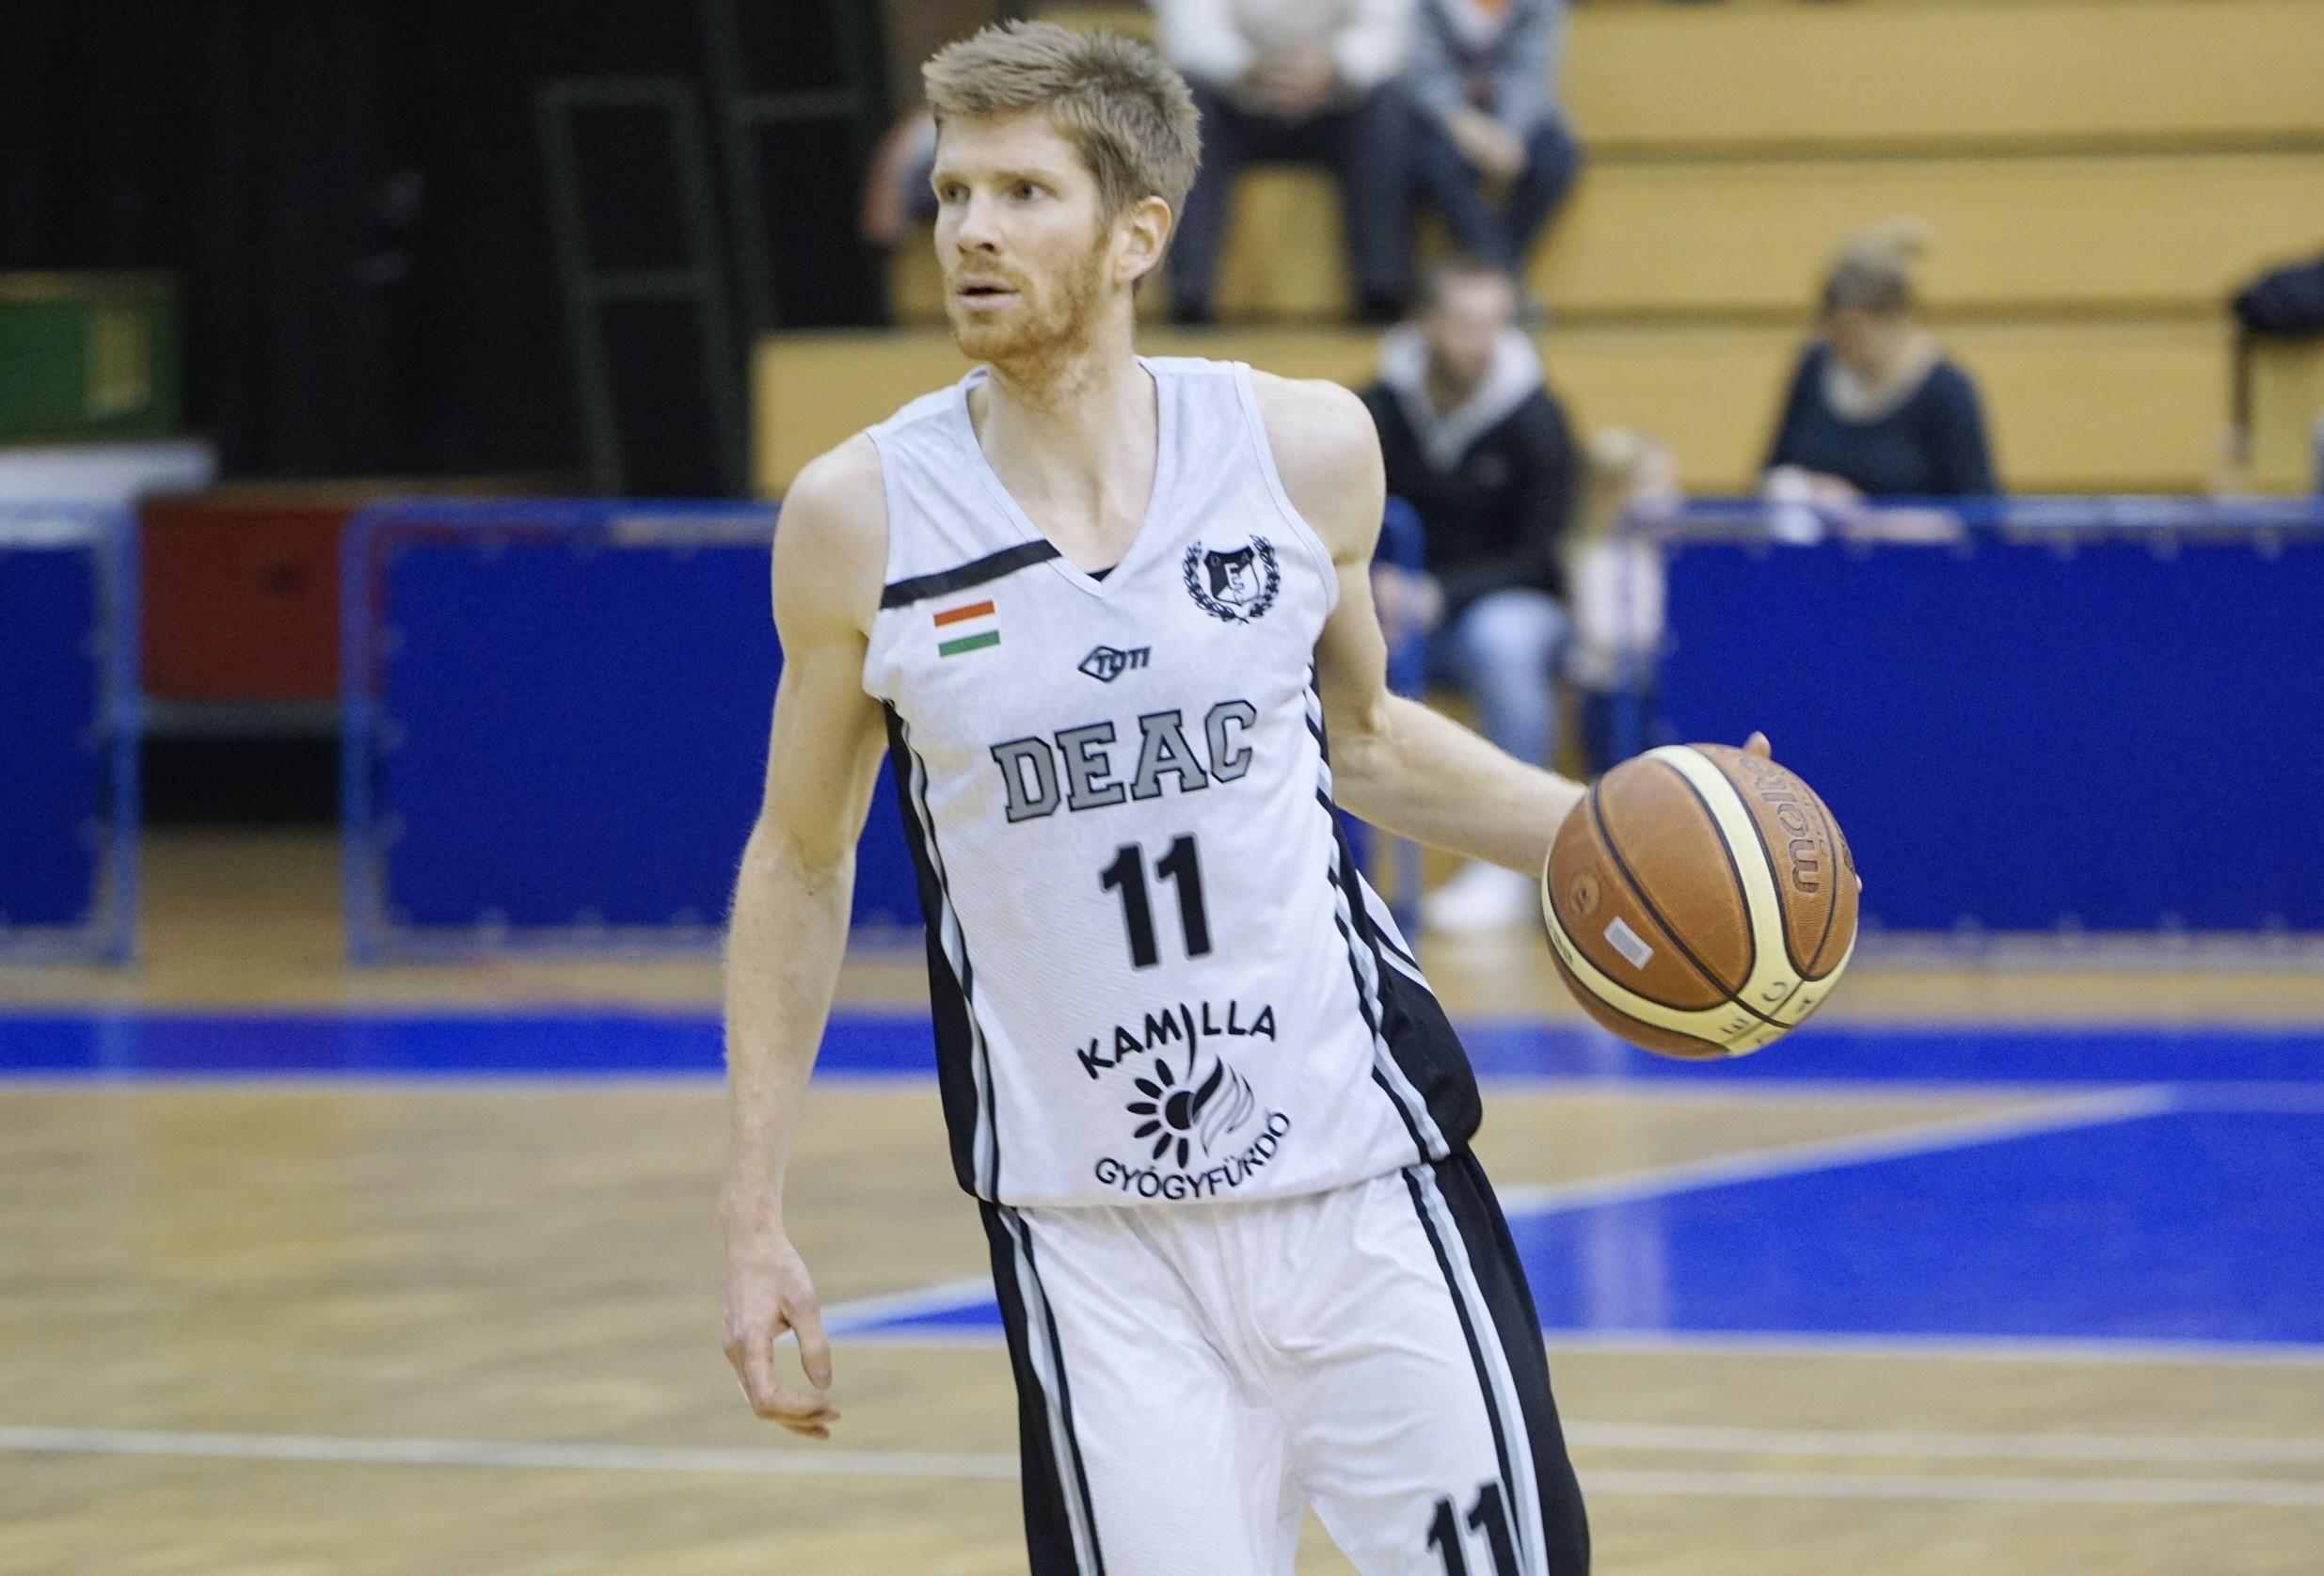 Nagyon simán nyert a Debrecen